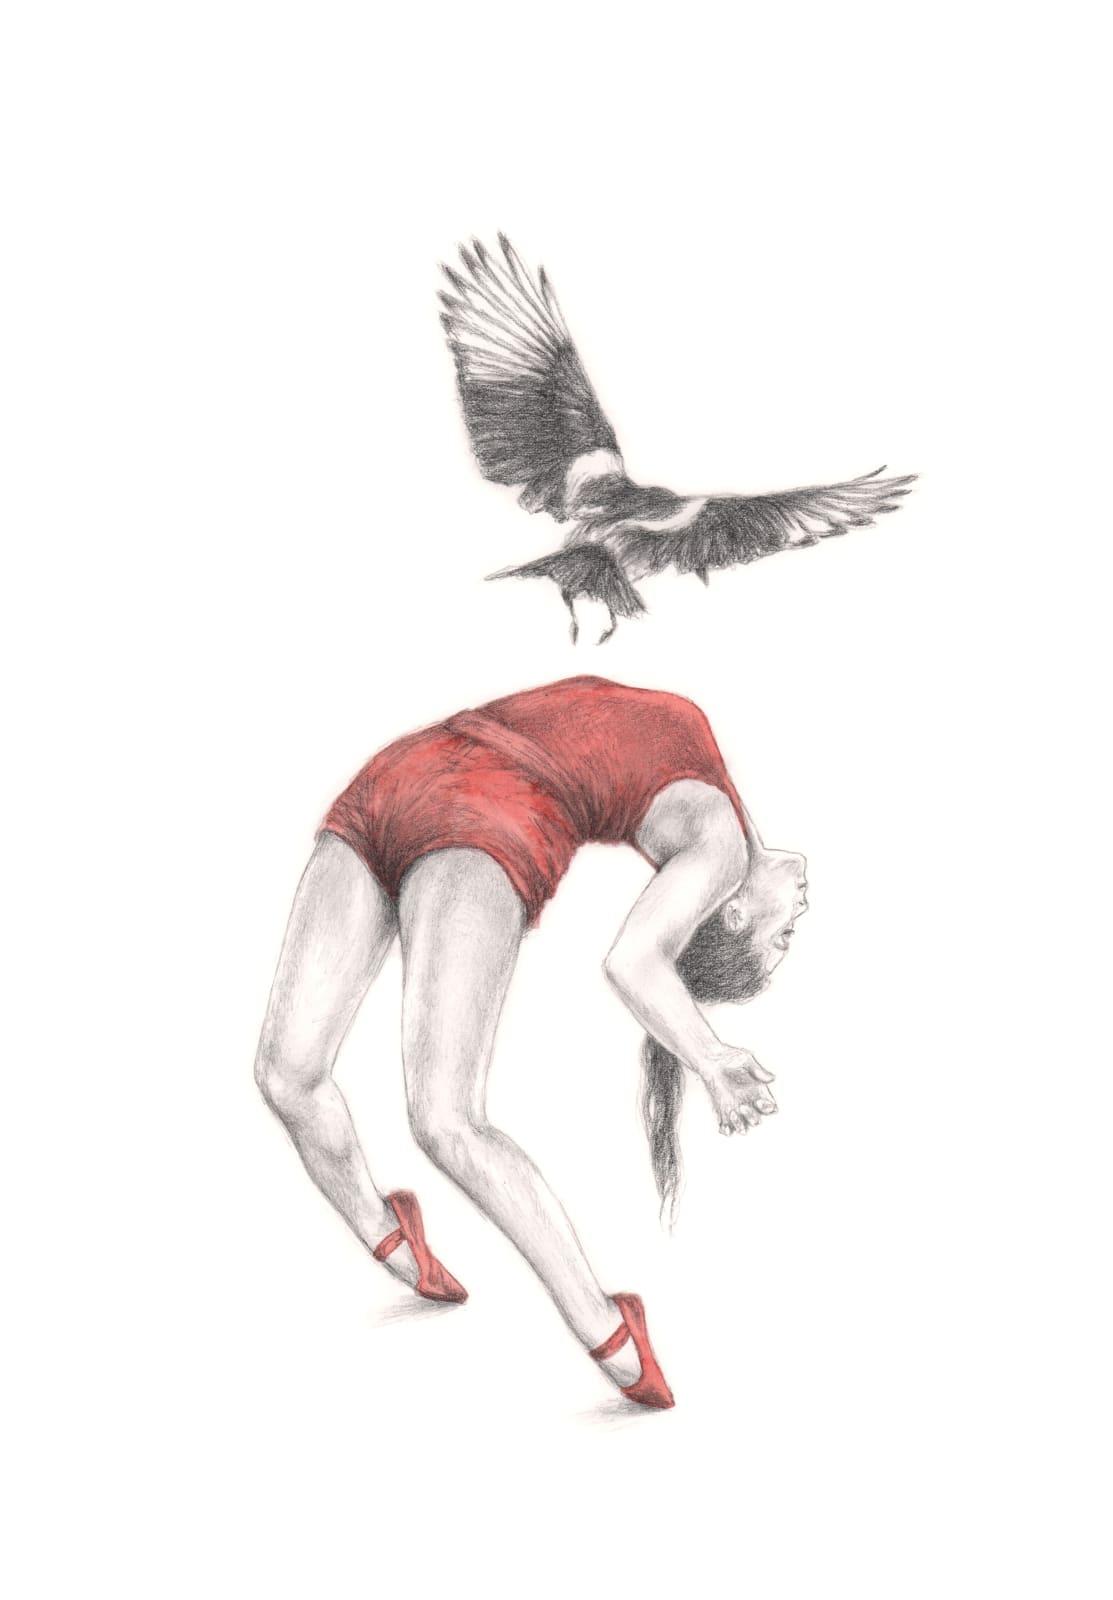 Rachel Goodyear, Hypnotist (Magpie), 2021